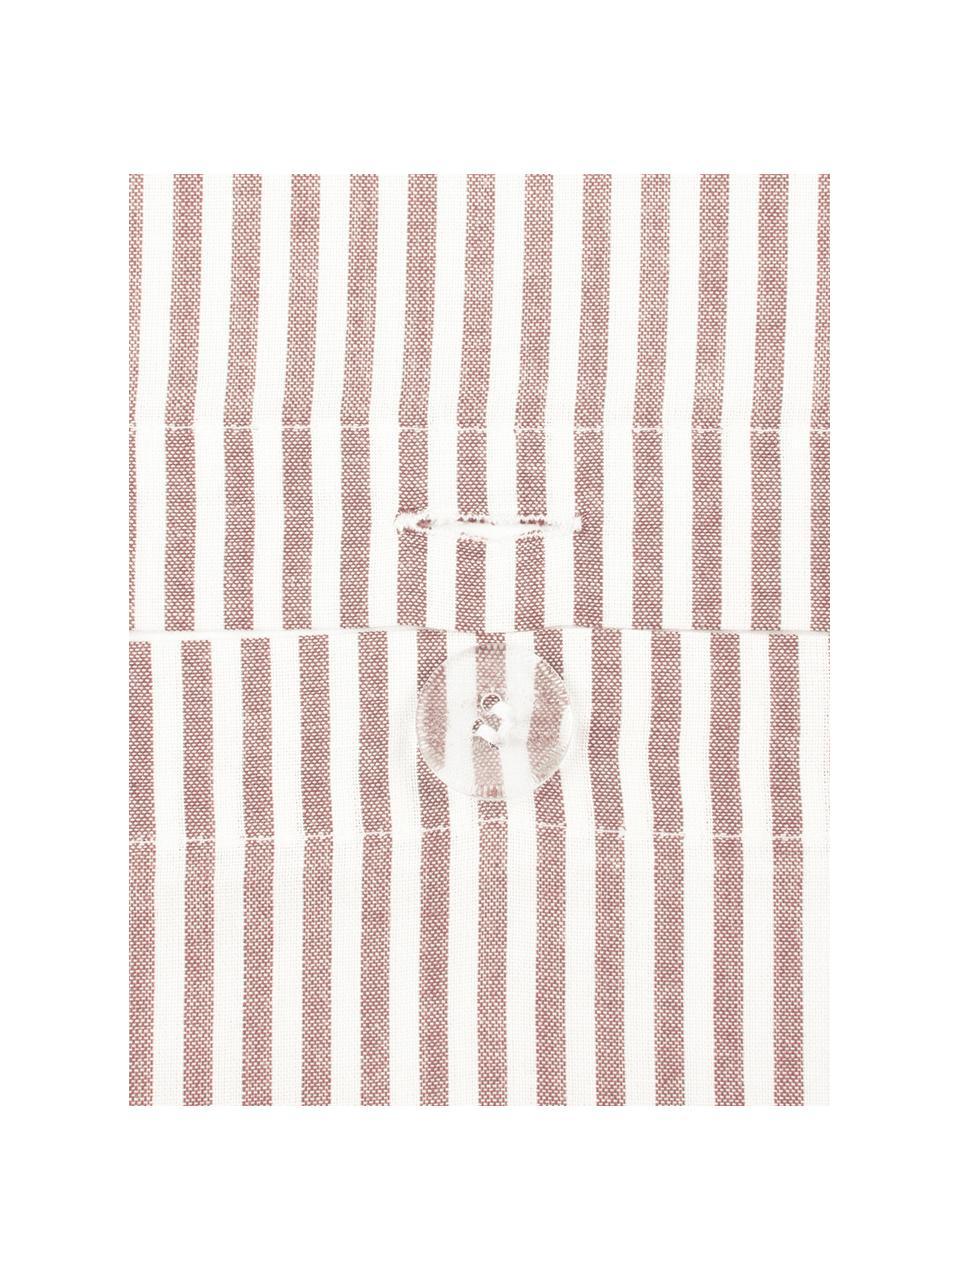 Baumwoll-Bettwäsche Ellie in Weiß/Rot, fein gestreift, Webart: Renforcé Fadendichte 118 , Weiß, Rot, 135 x 200 cm + 1 Kissen 80 x 80 cm